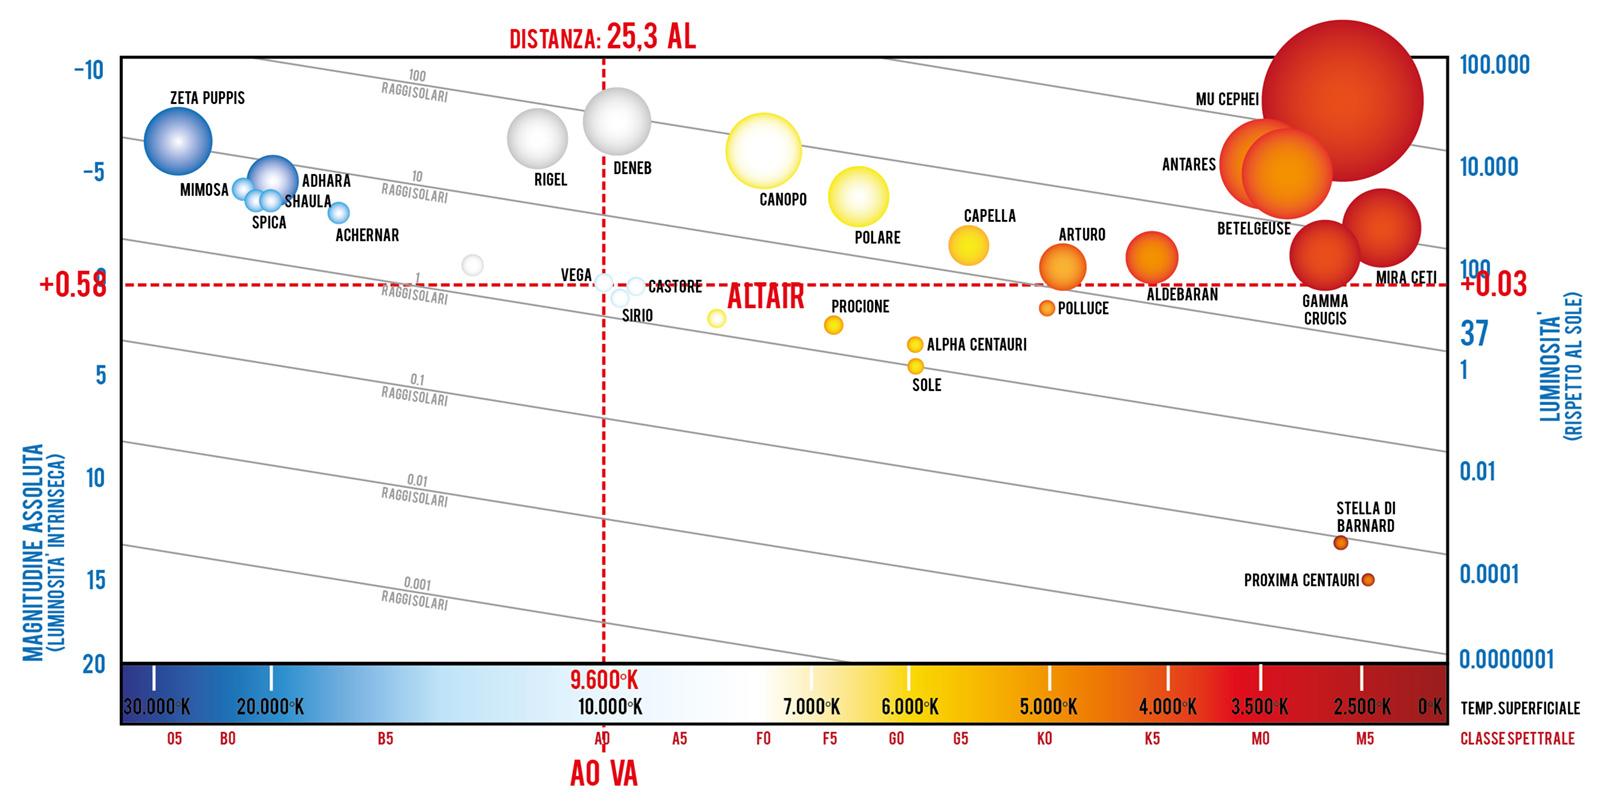 La posizione di Vega, l'alfa della Lira, nel diagramma HR